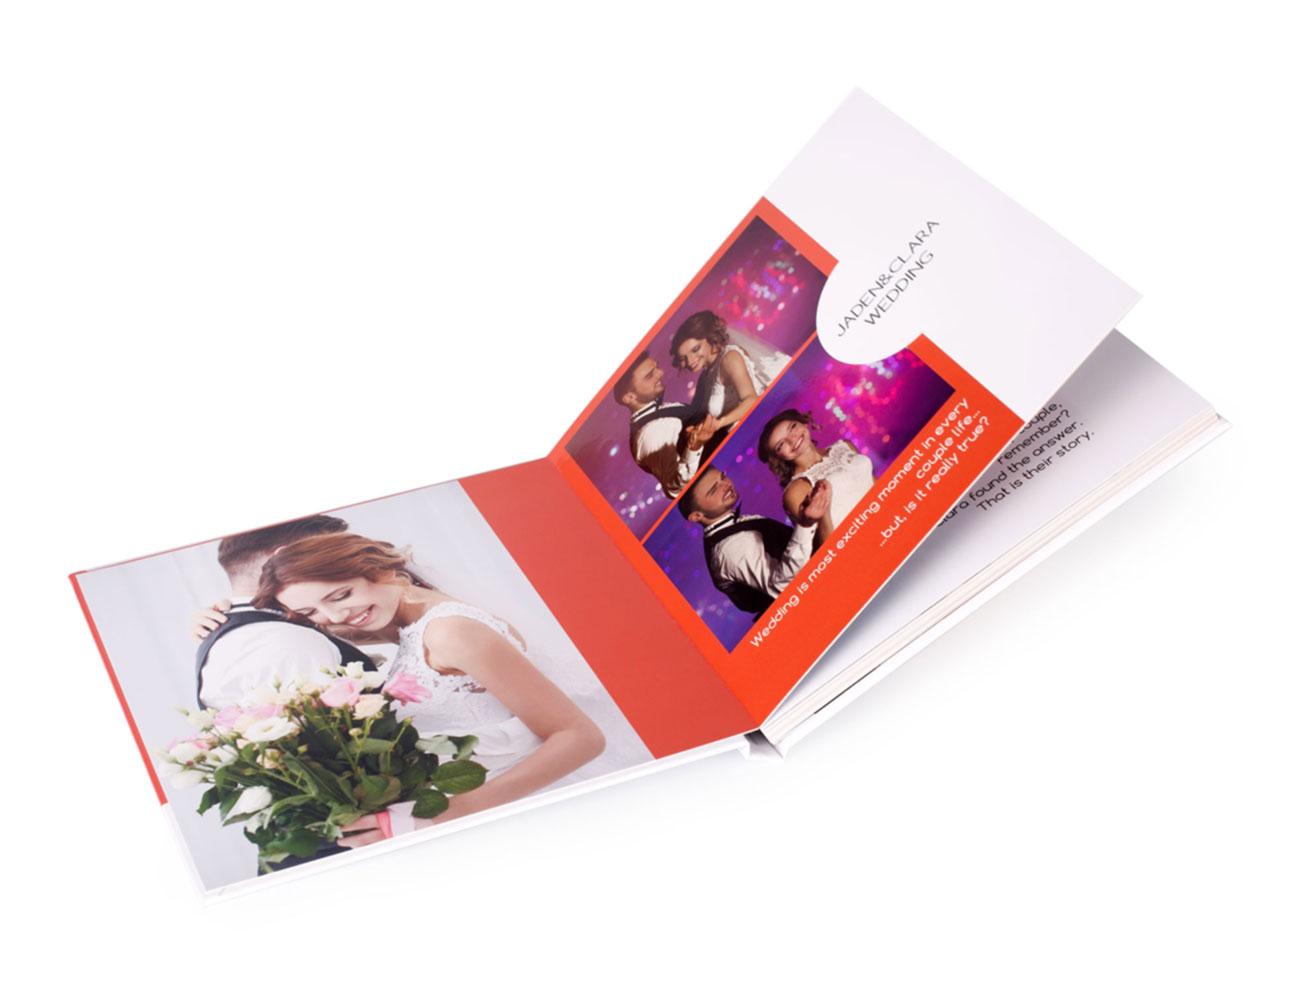 Напечатать книгу в регионах РФ с доставкой в формате Royal